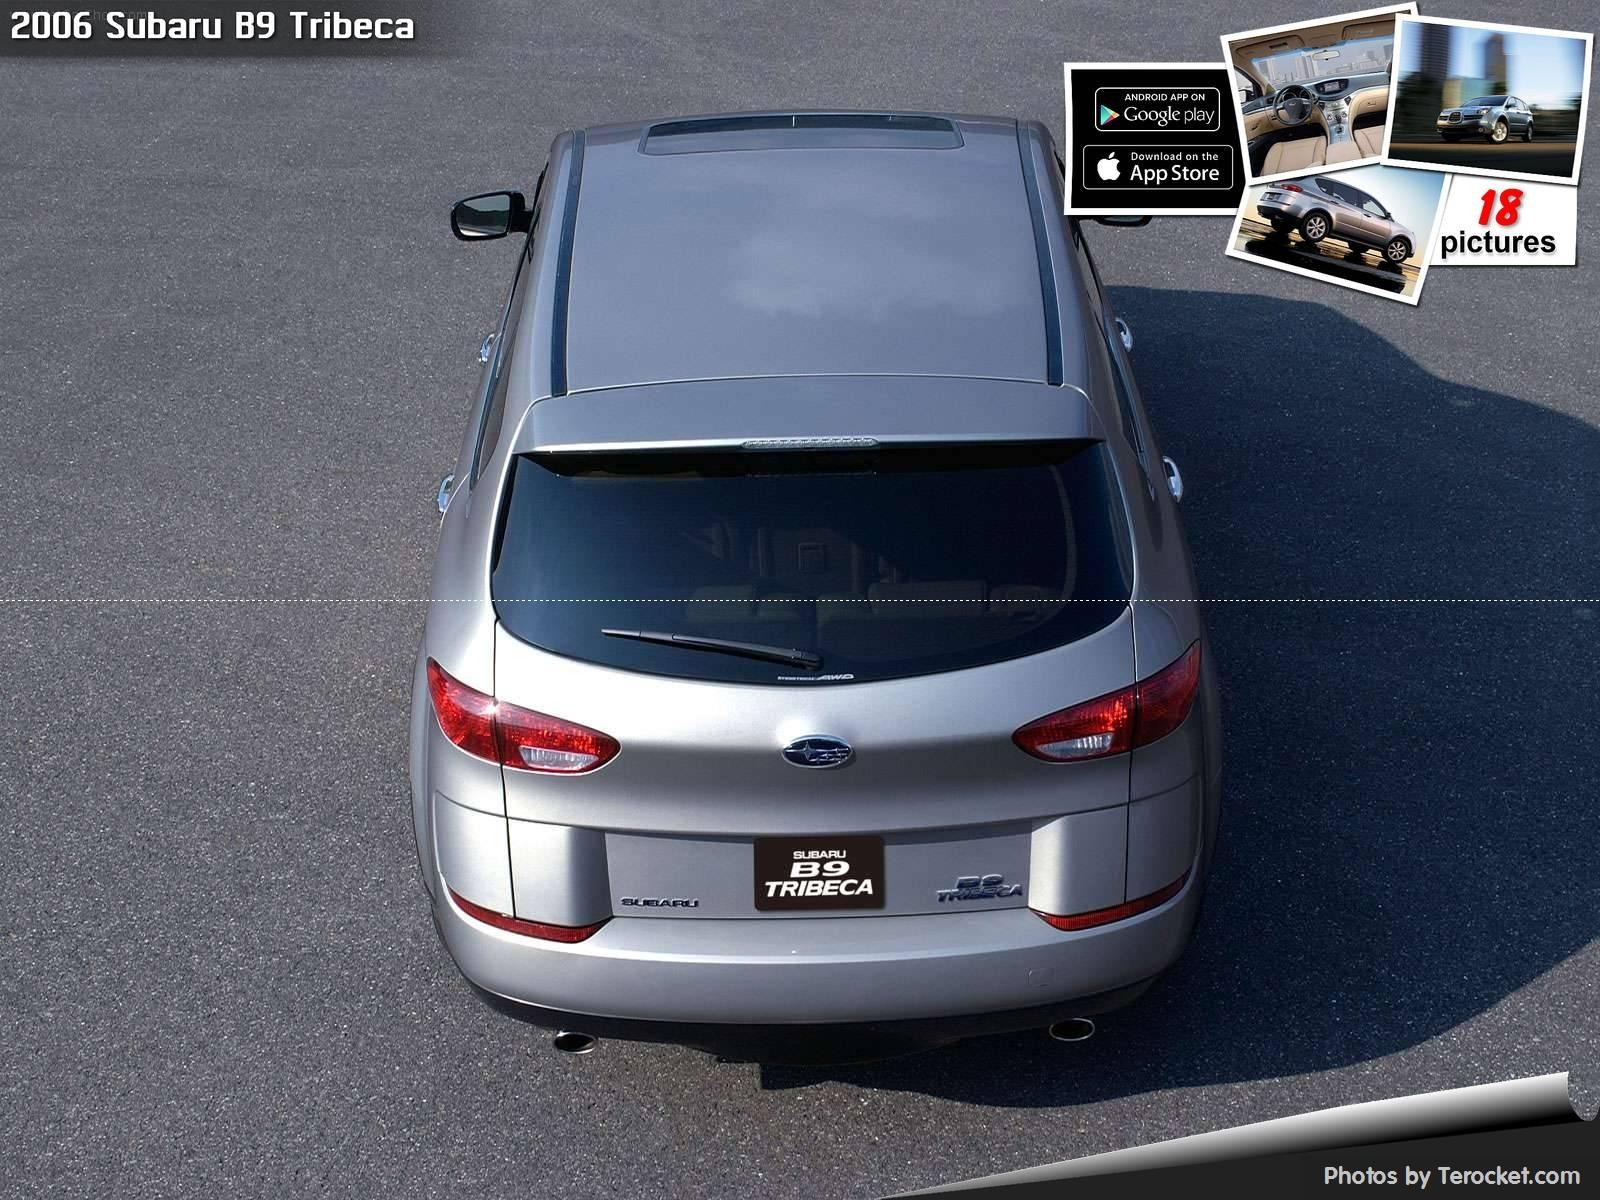 Hình ảnh xe ô tô Subaru B9 Tribeca 2006 & nội ngoại thất